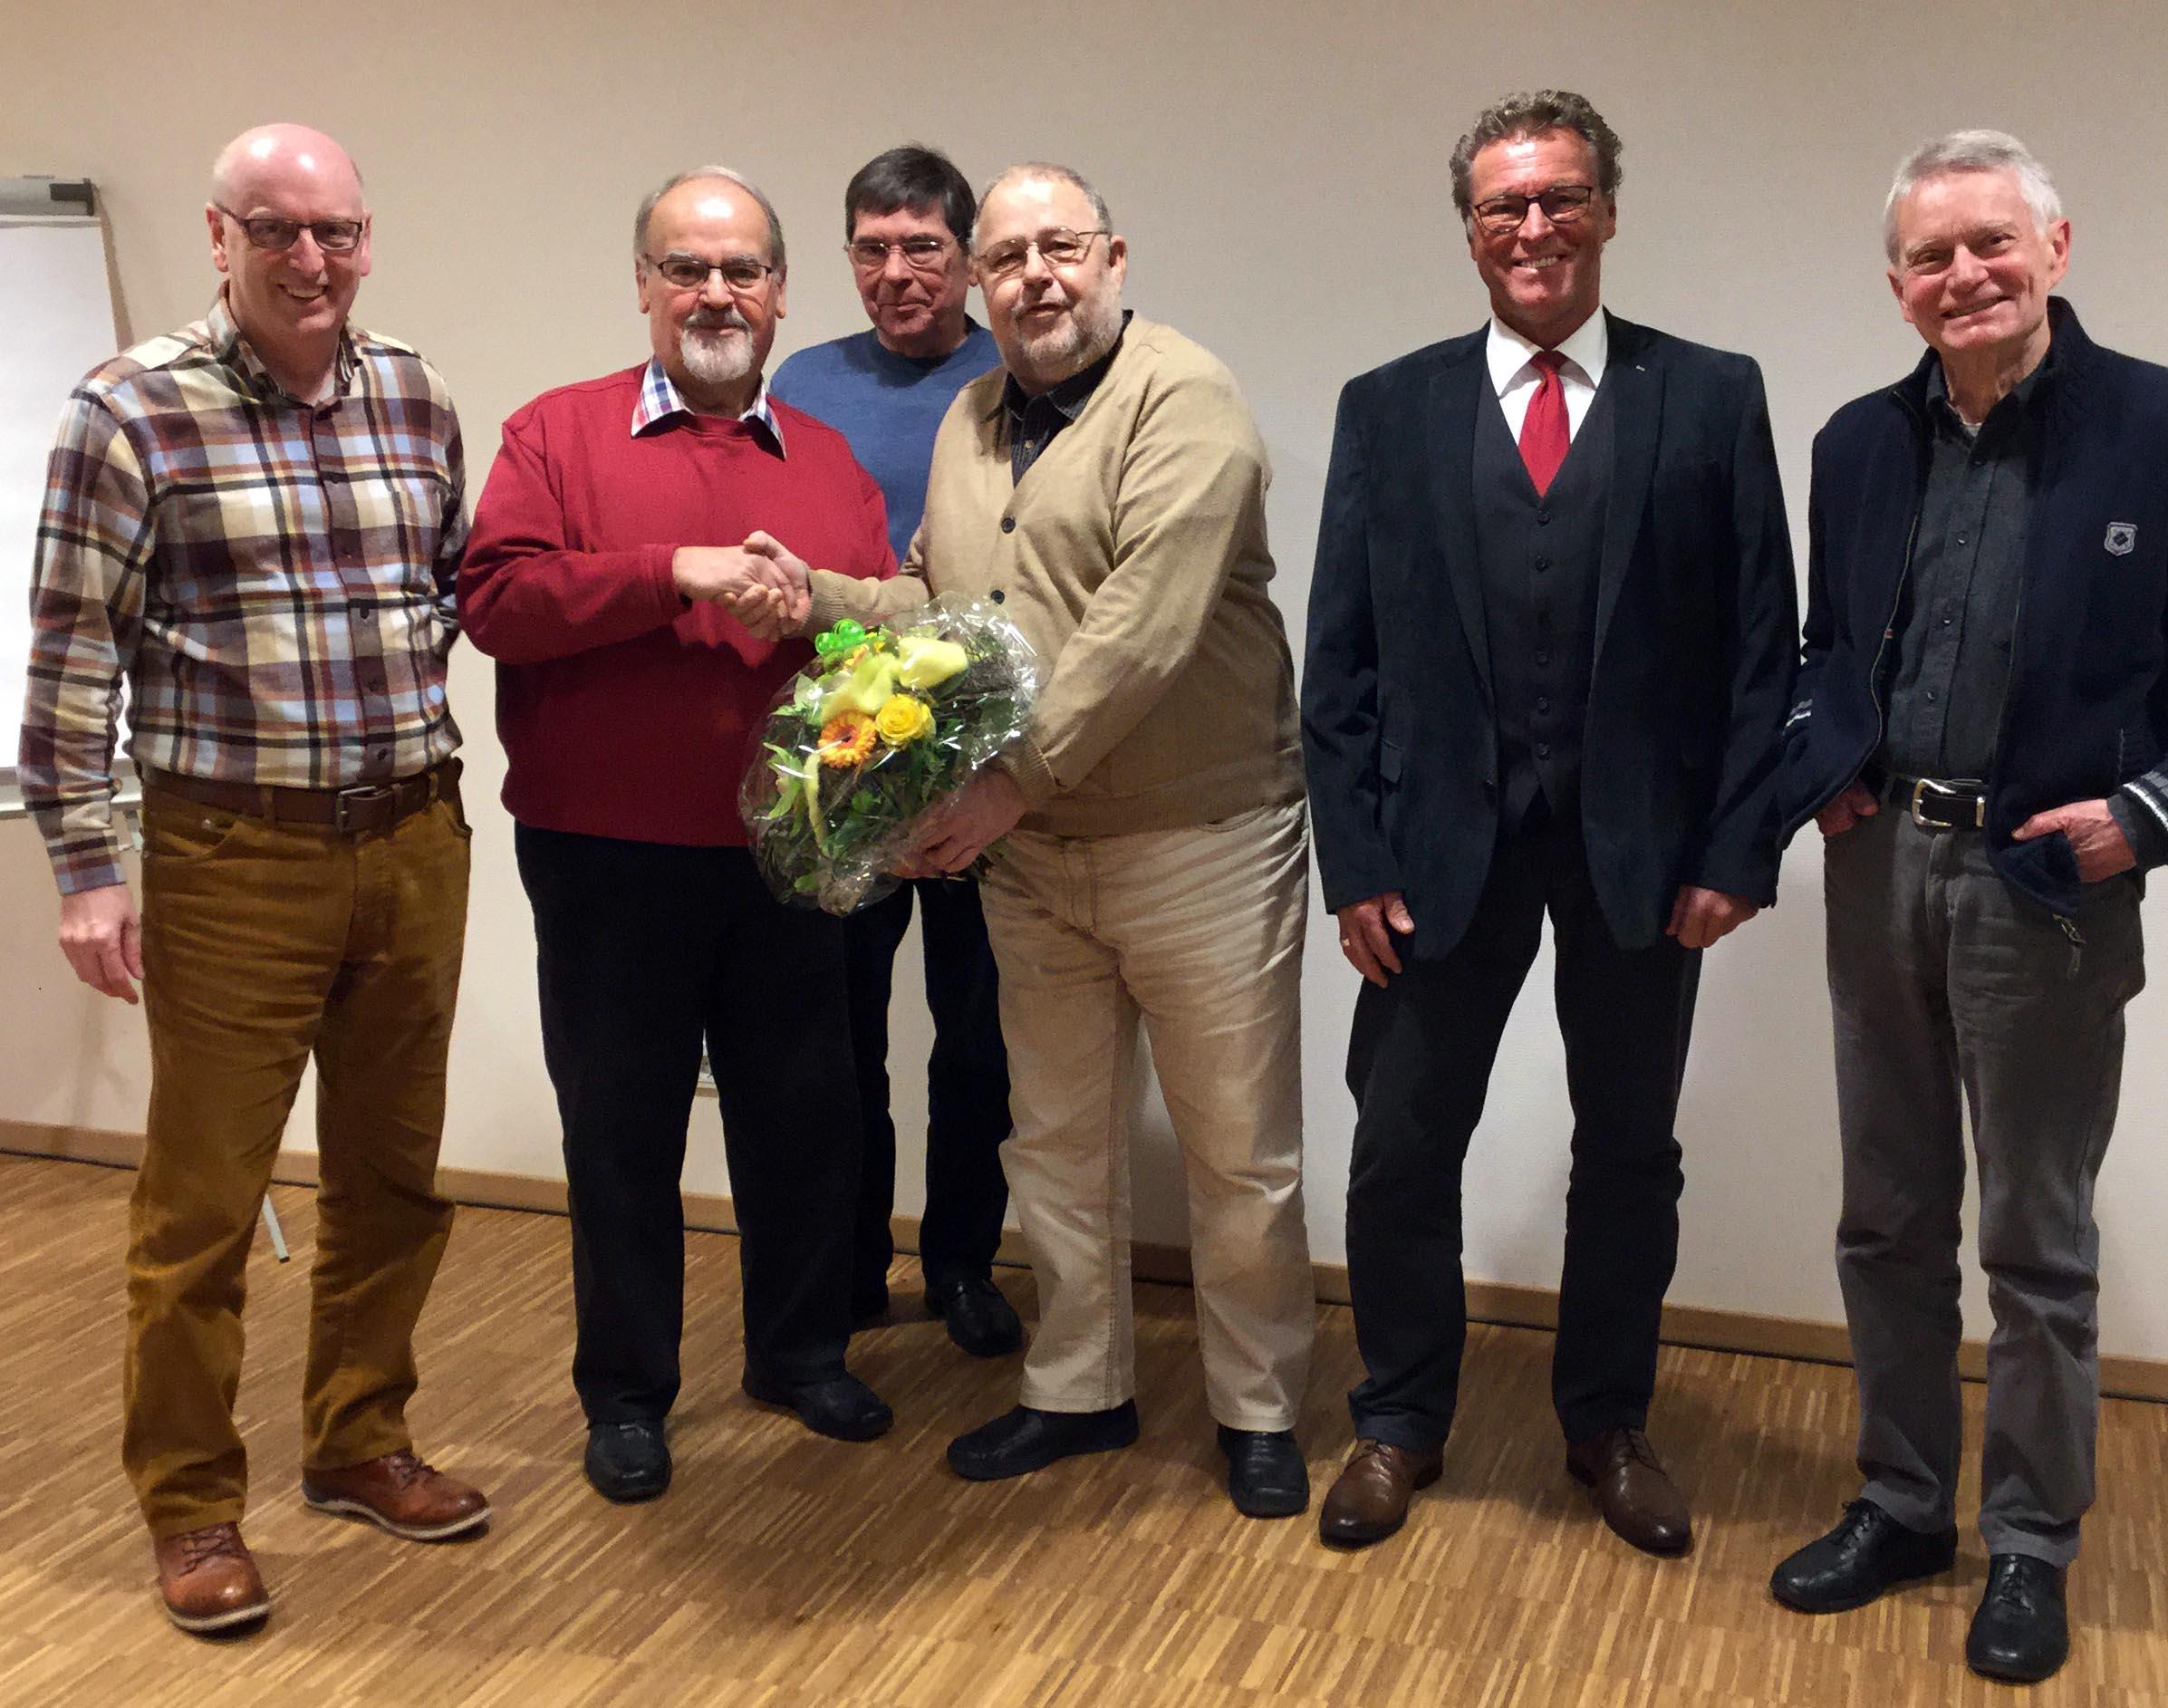 Der SPD Kreisvorsitzende des Kreisverbandes Saarbrücken-Land, Rainer Ziebold, gratuliert Reimund Lingstädt zur Wahl.